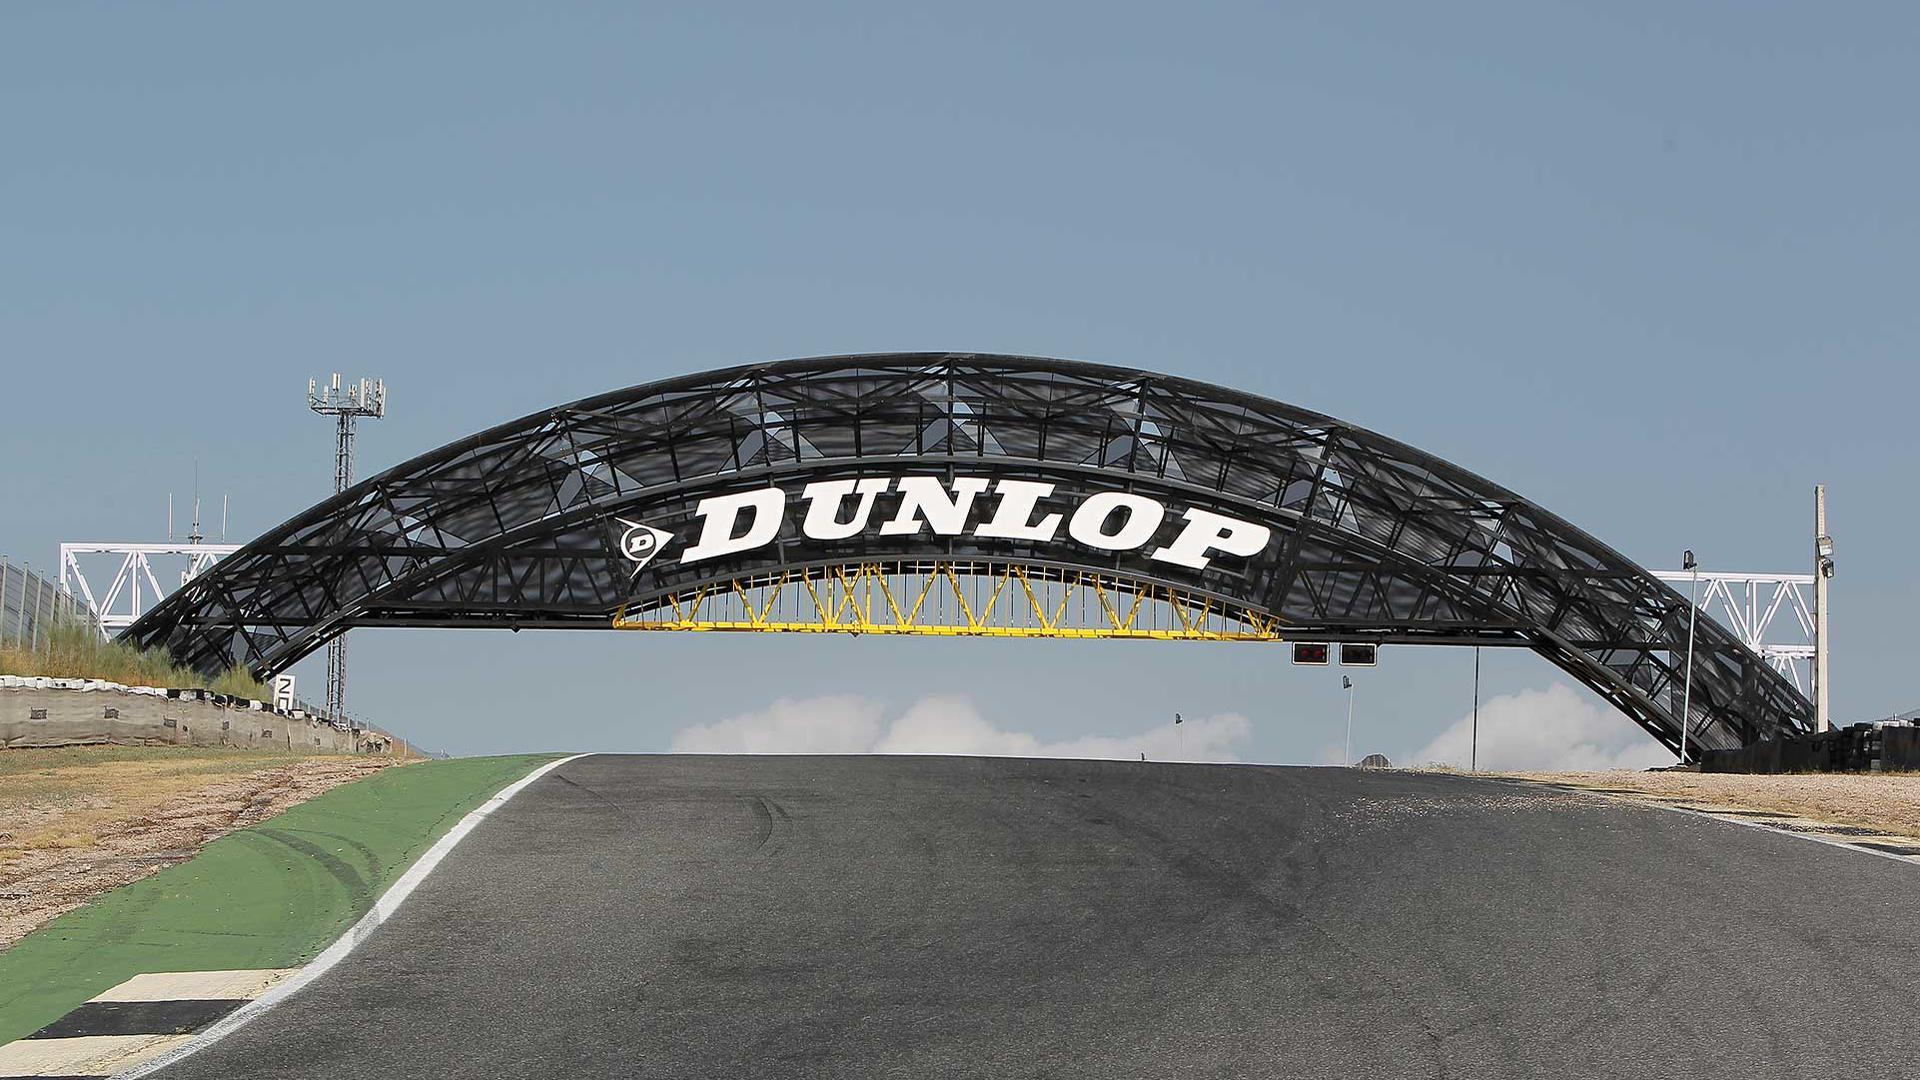 Circuito Del Jarama : Inauguración oficial del puente dunlop en el circuito del jarama